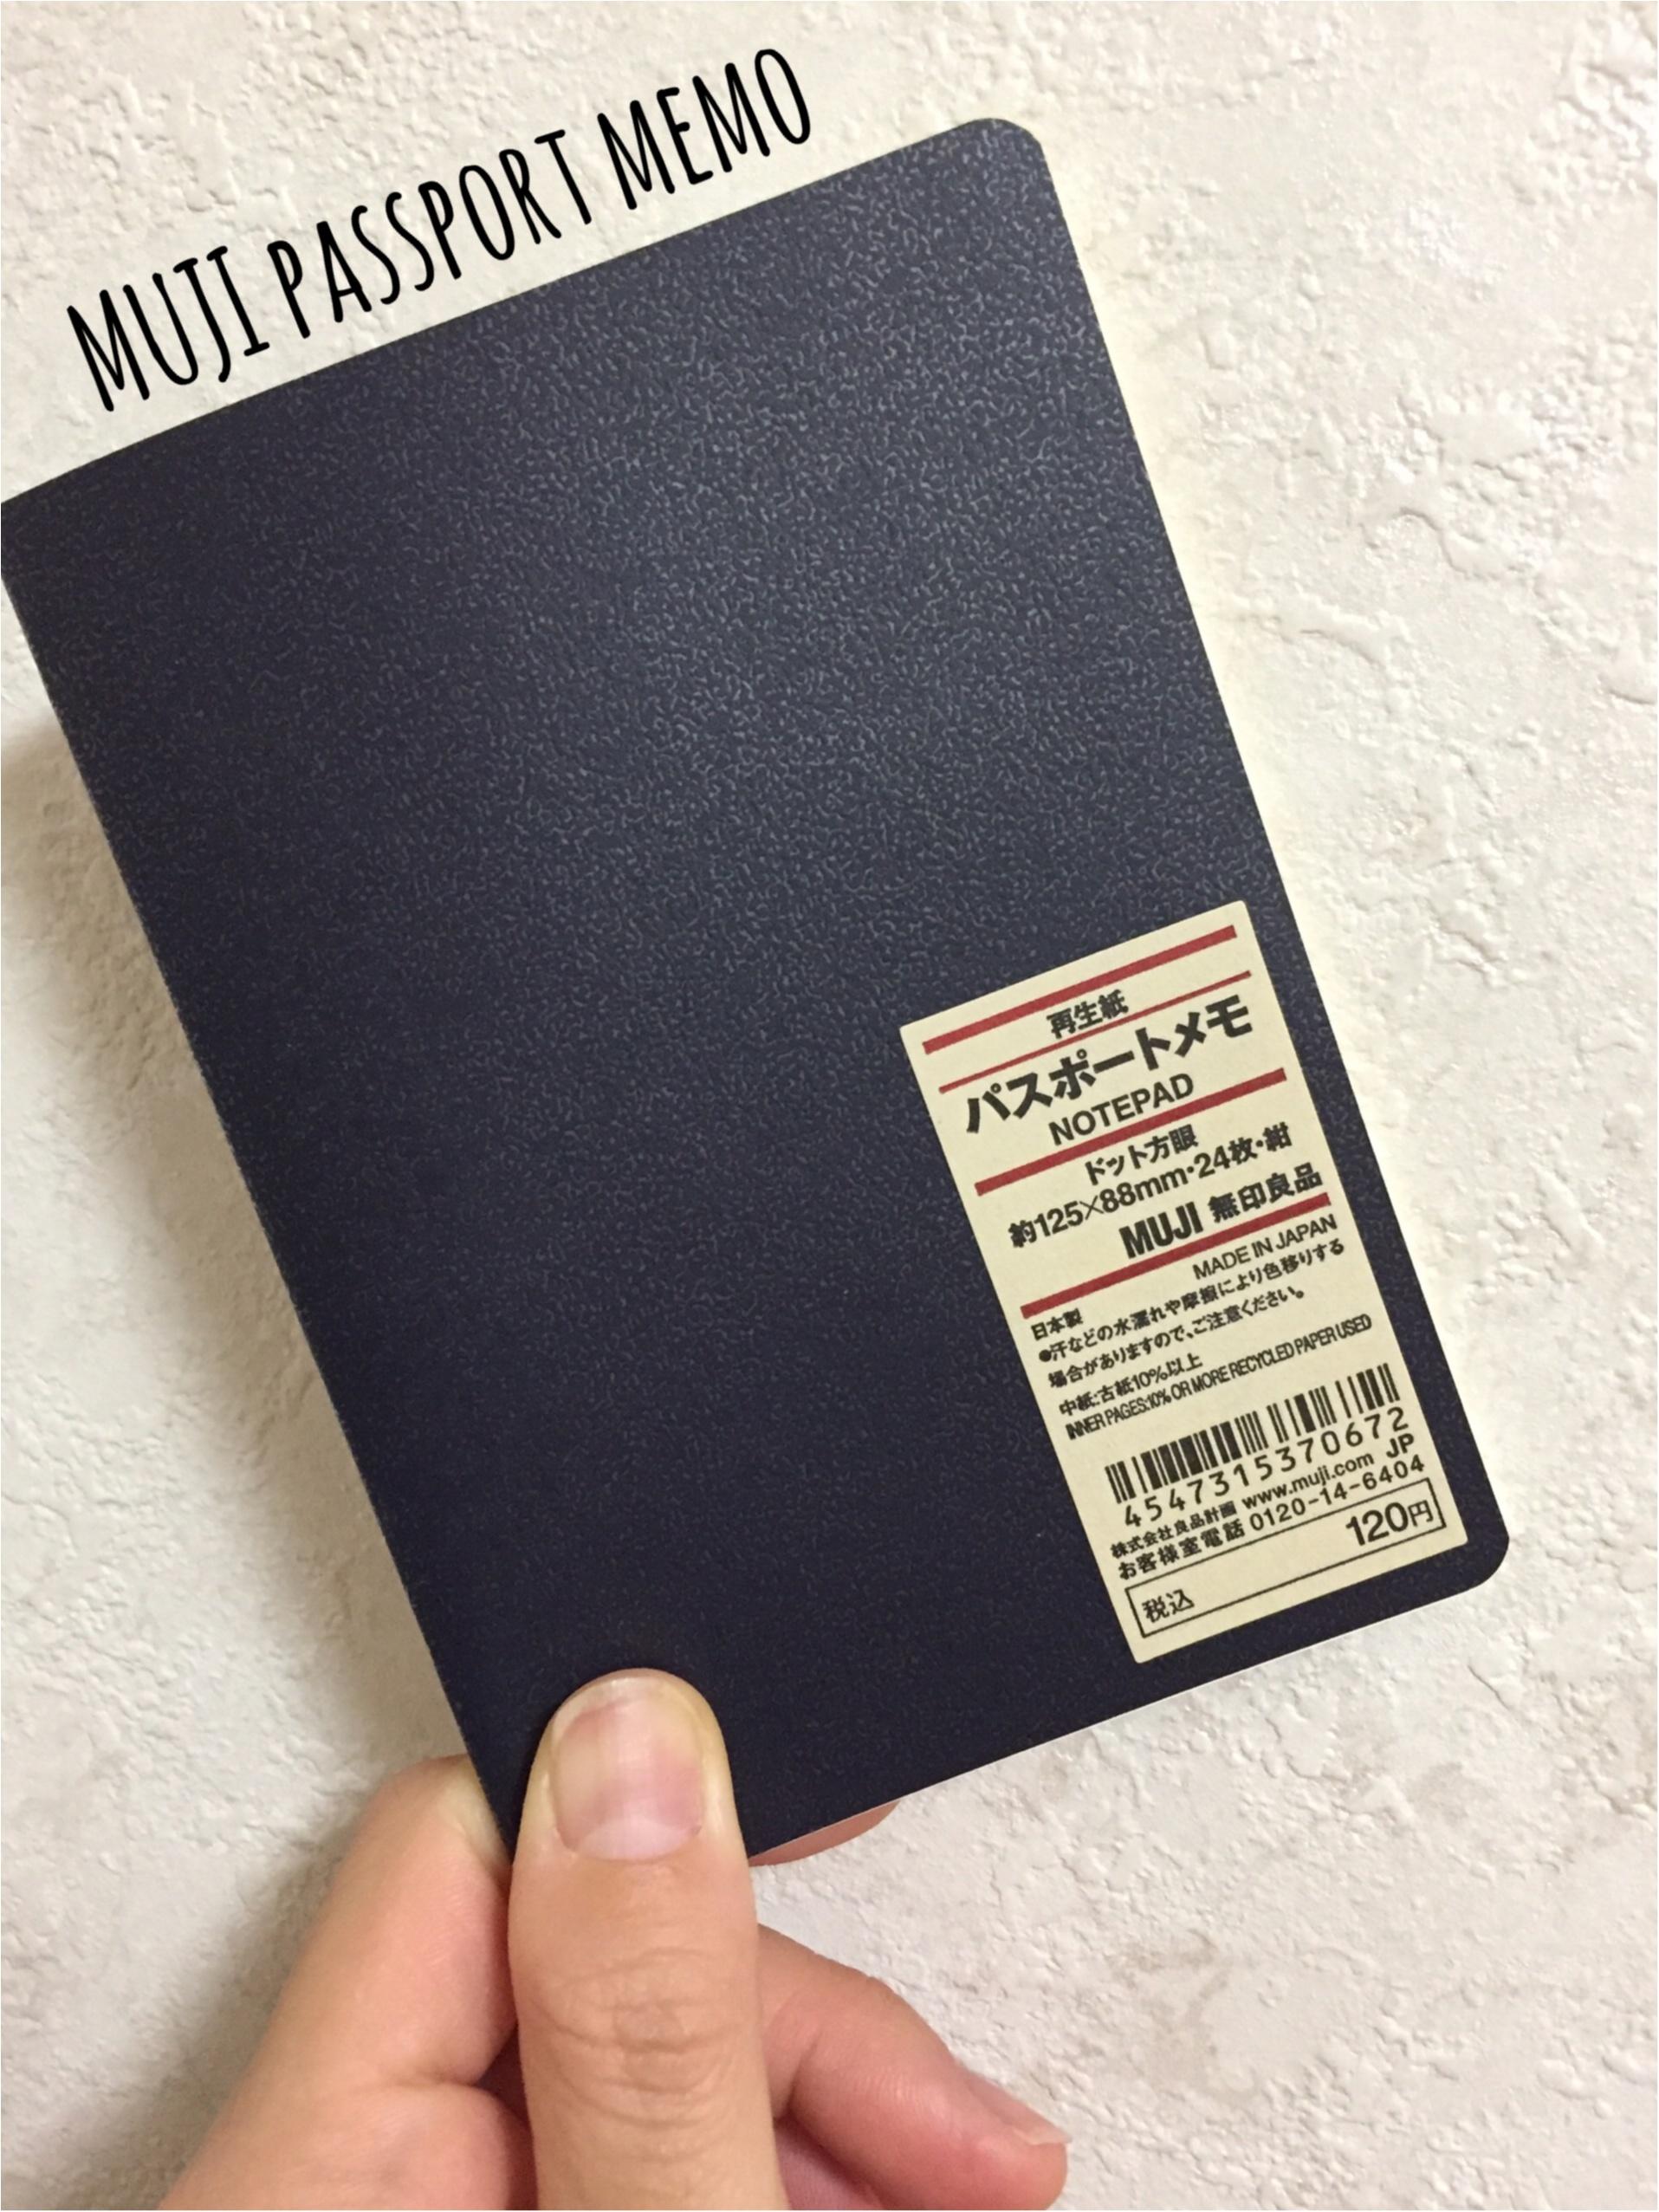 ◆無印良品のパスポートメモ◆おでかけの記録帳づくりにはシンプルなMUJIが使える!_1